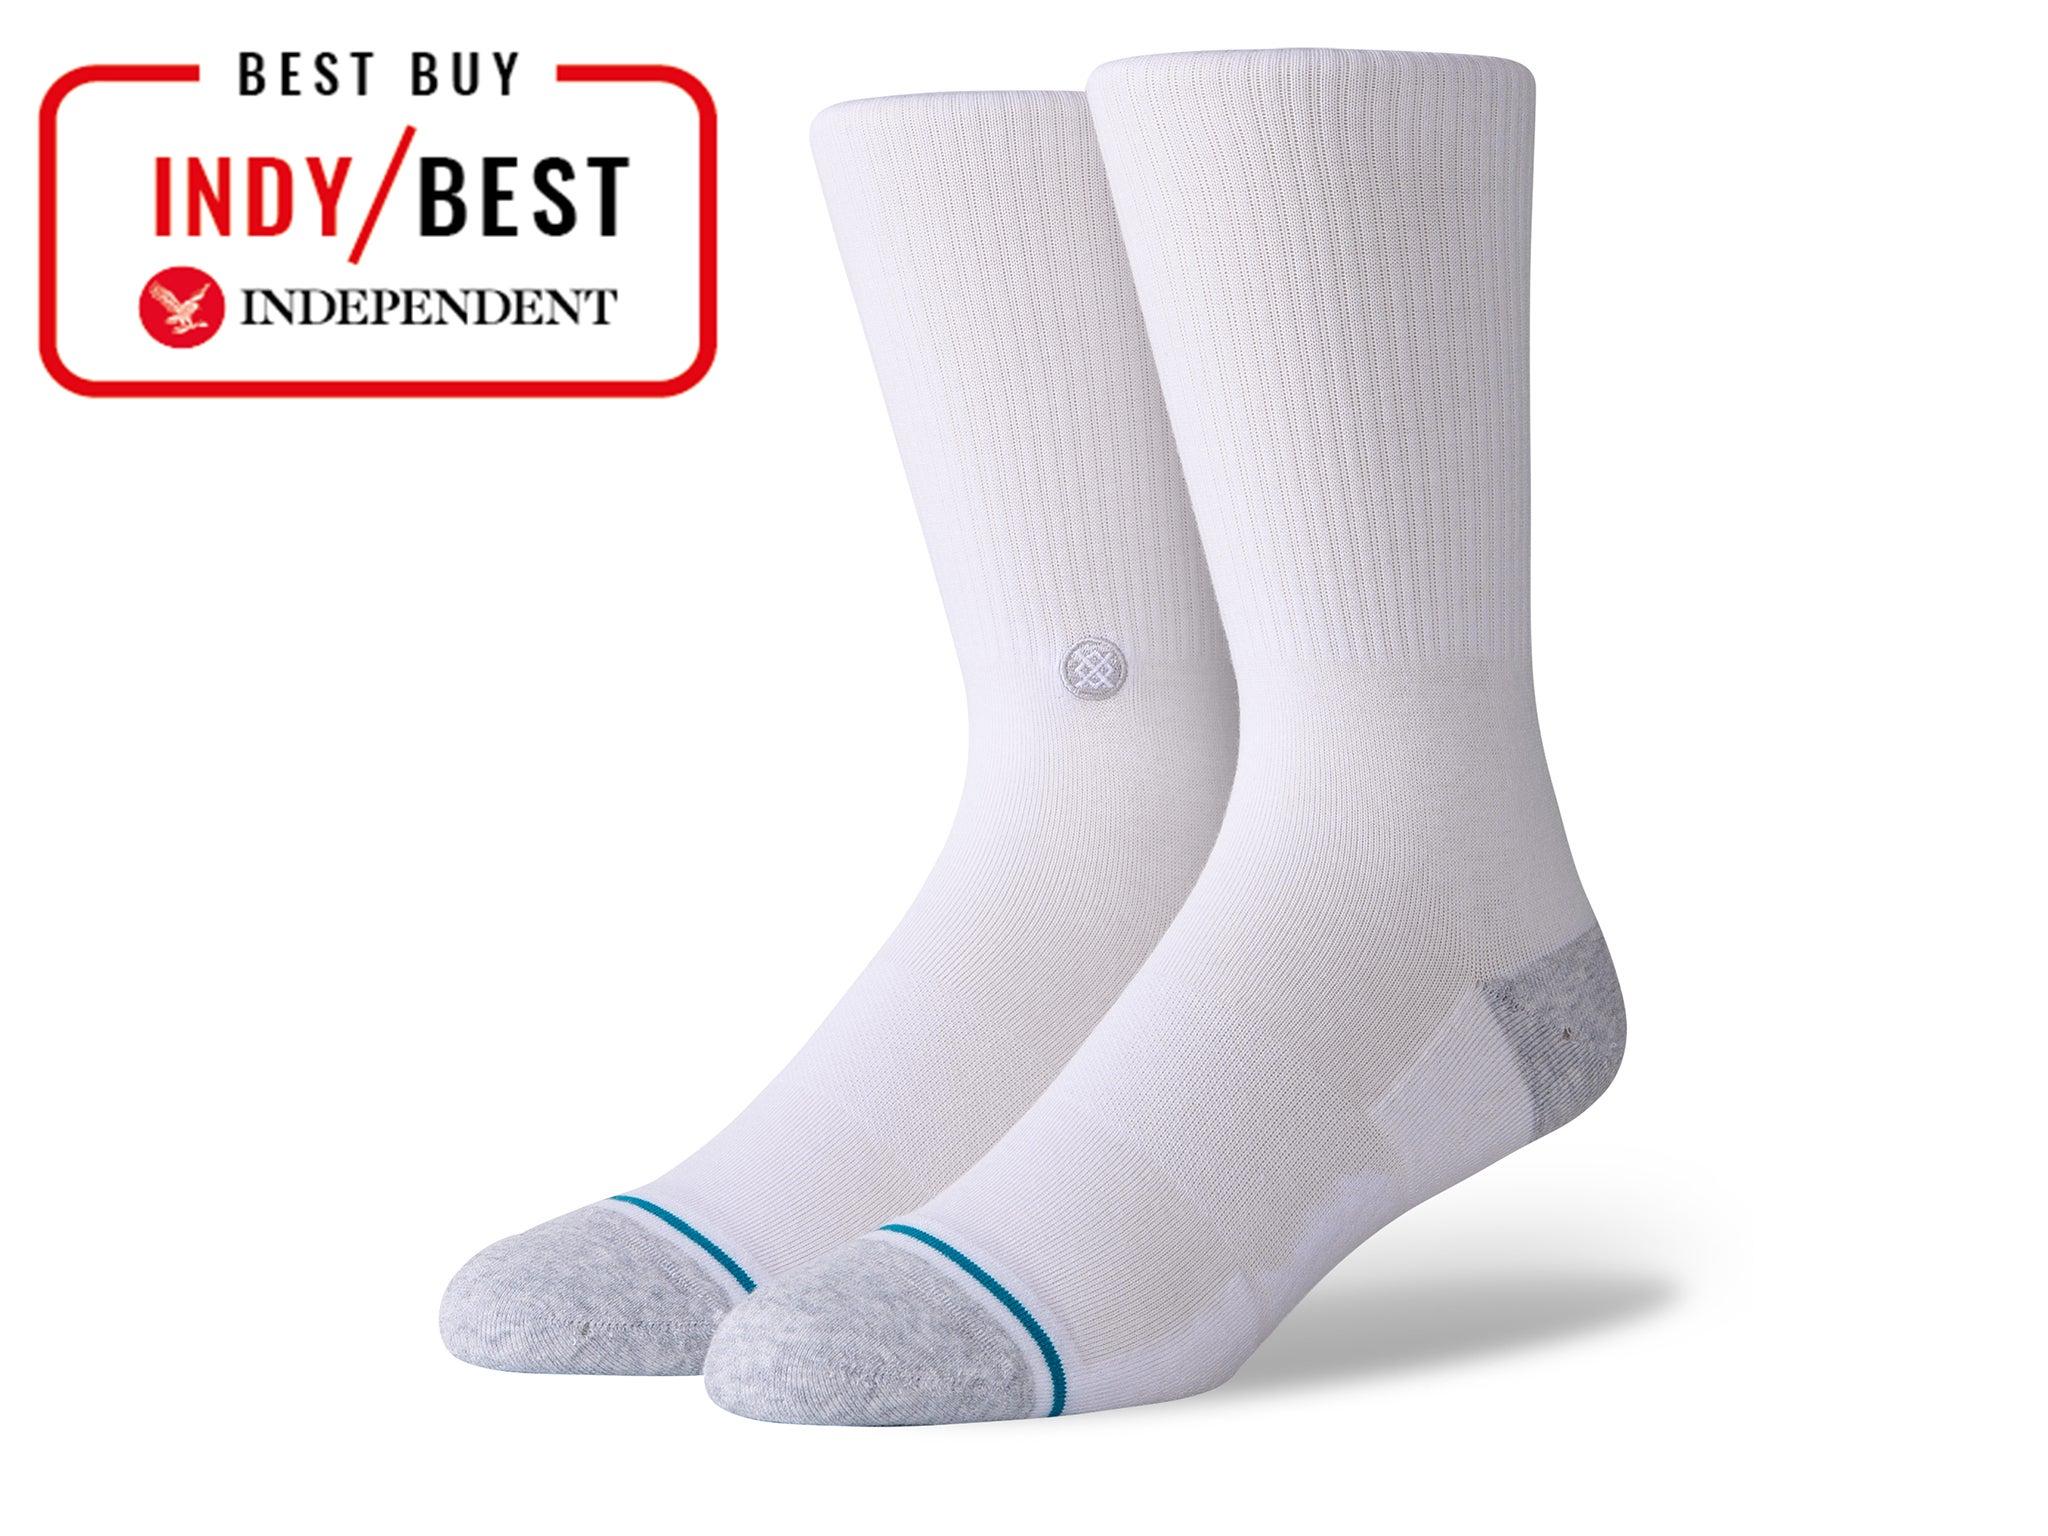 Socks Ergo Socks Winter Winter Balance offer Socks ON SALE